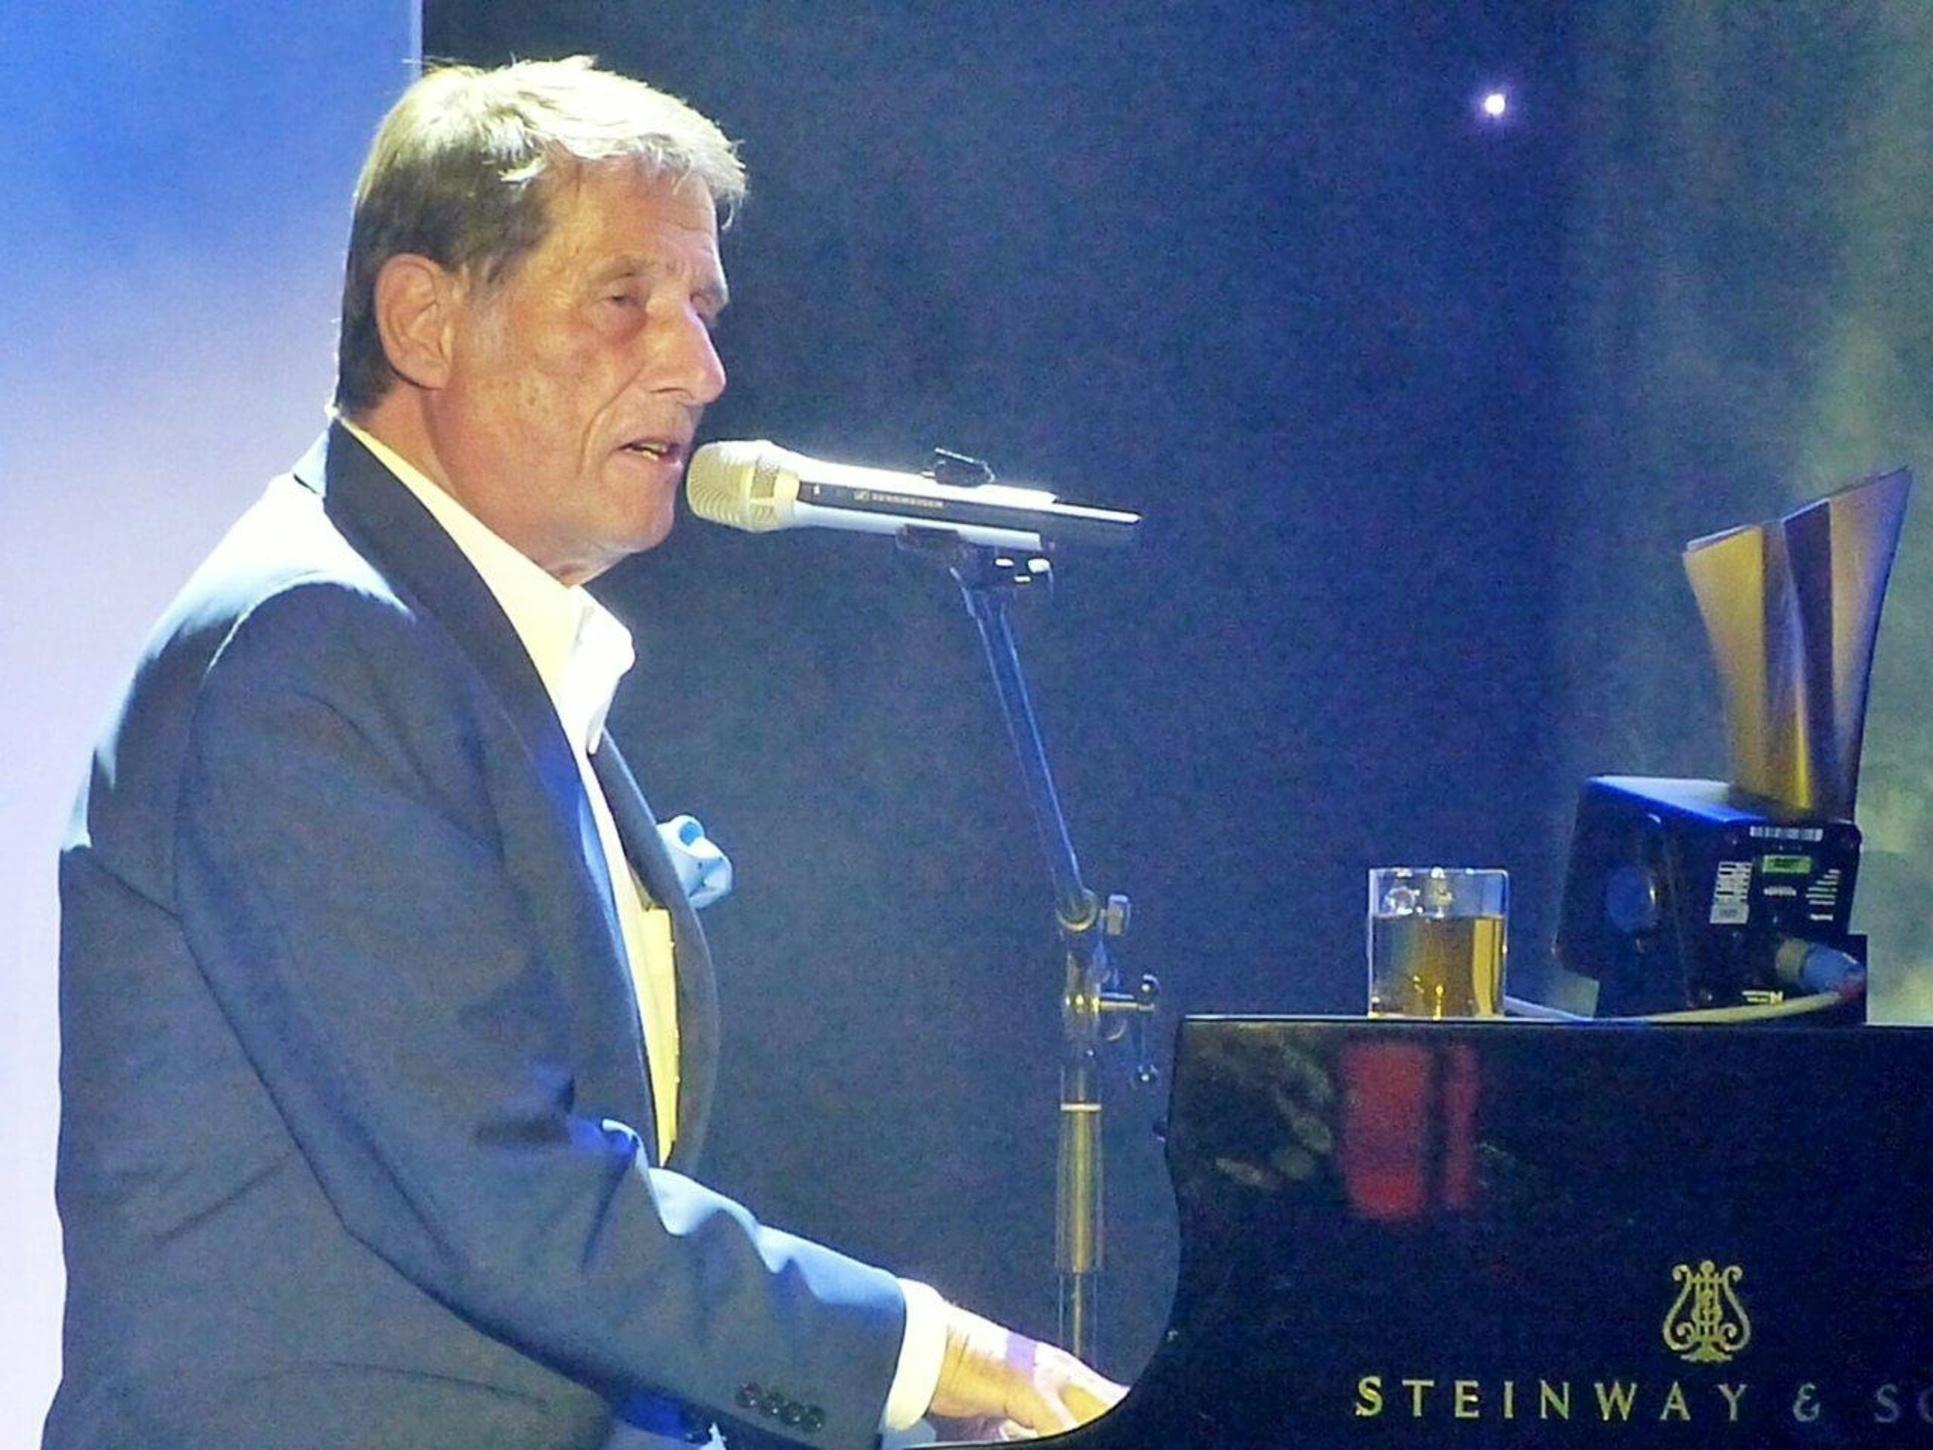 27 Millionen Sahen Udo Jürgens Letztes Konzert Im Zdf